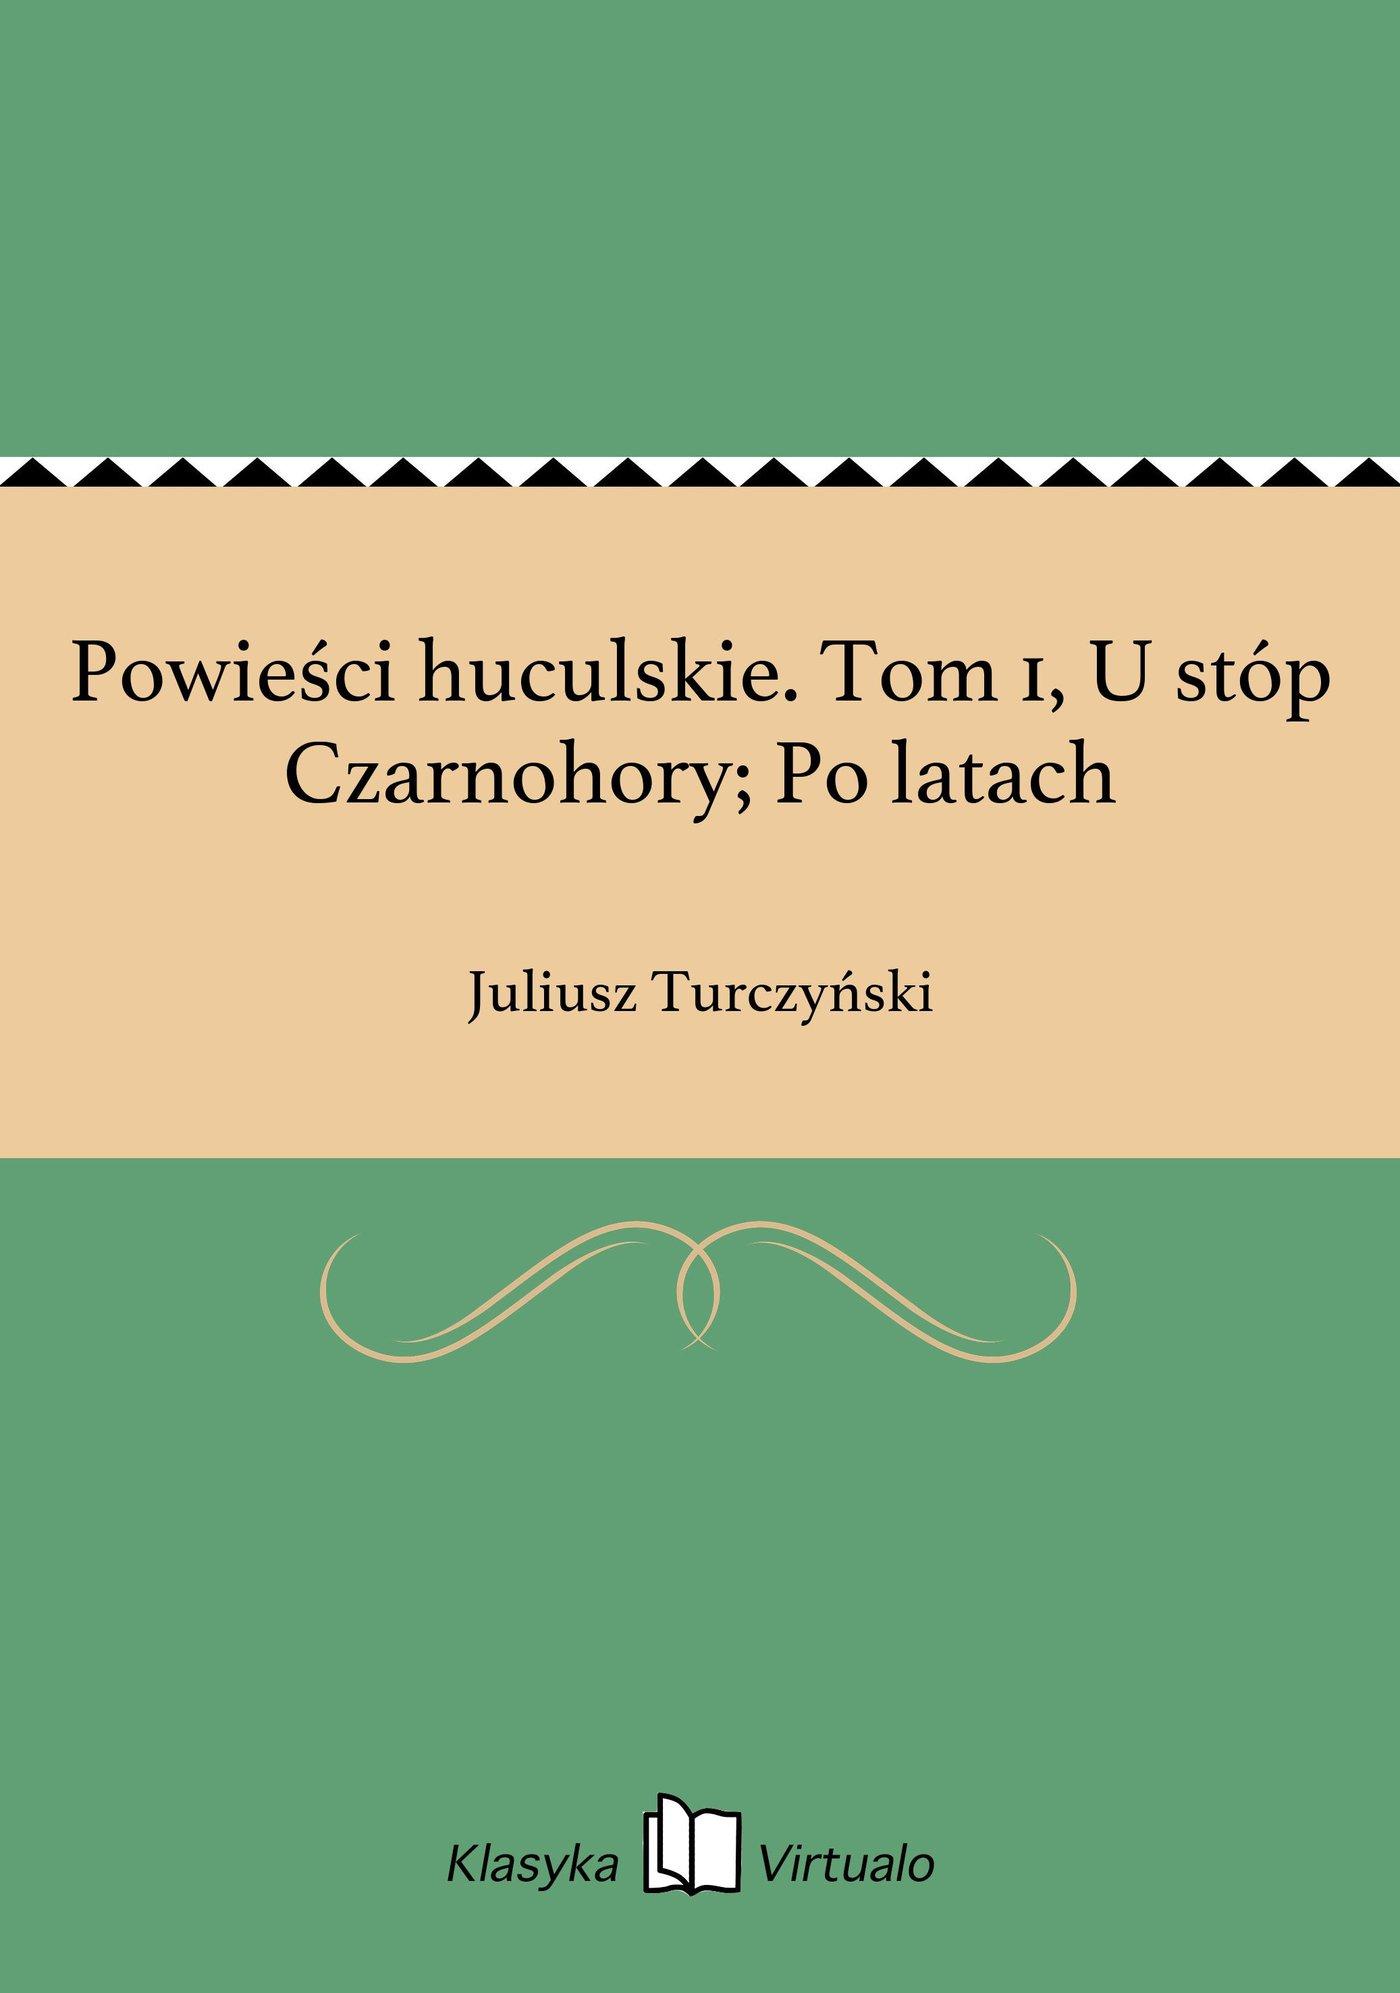 Powieści huculskie. Tom 1, U stóp Czarnohory; Po latach - Ebook (Książka EPUB) do pobrania w formacie EPUB